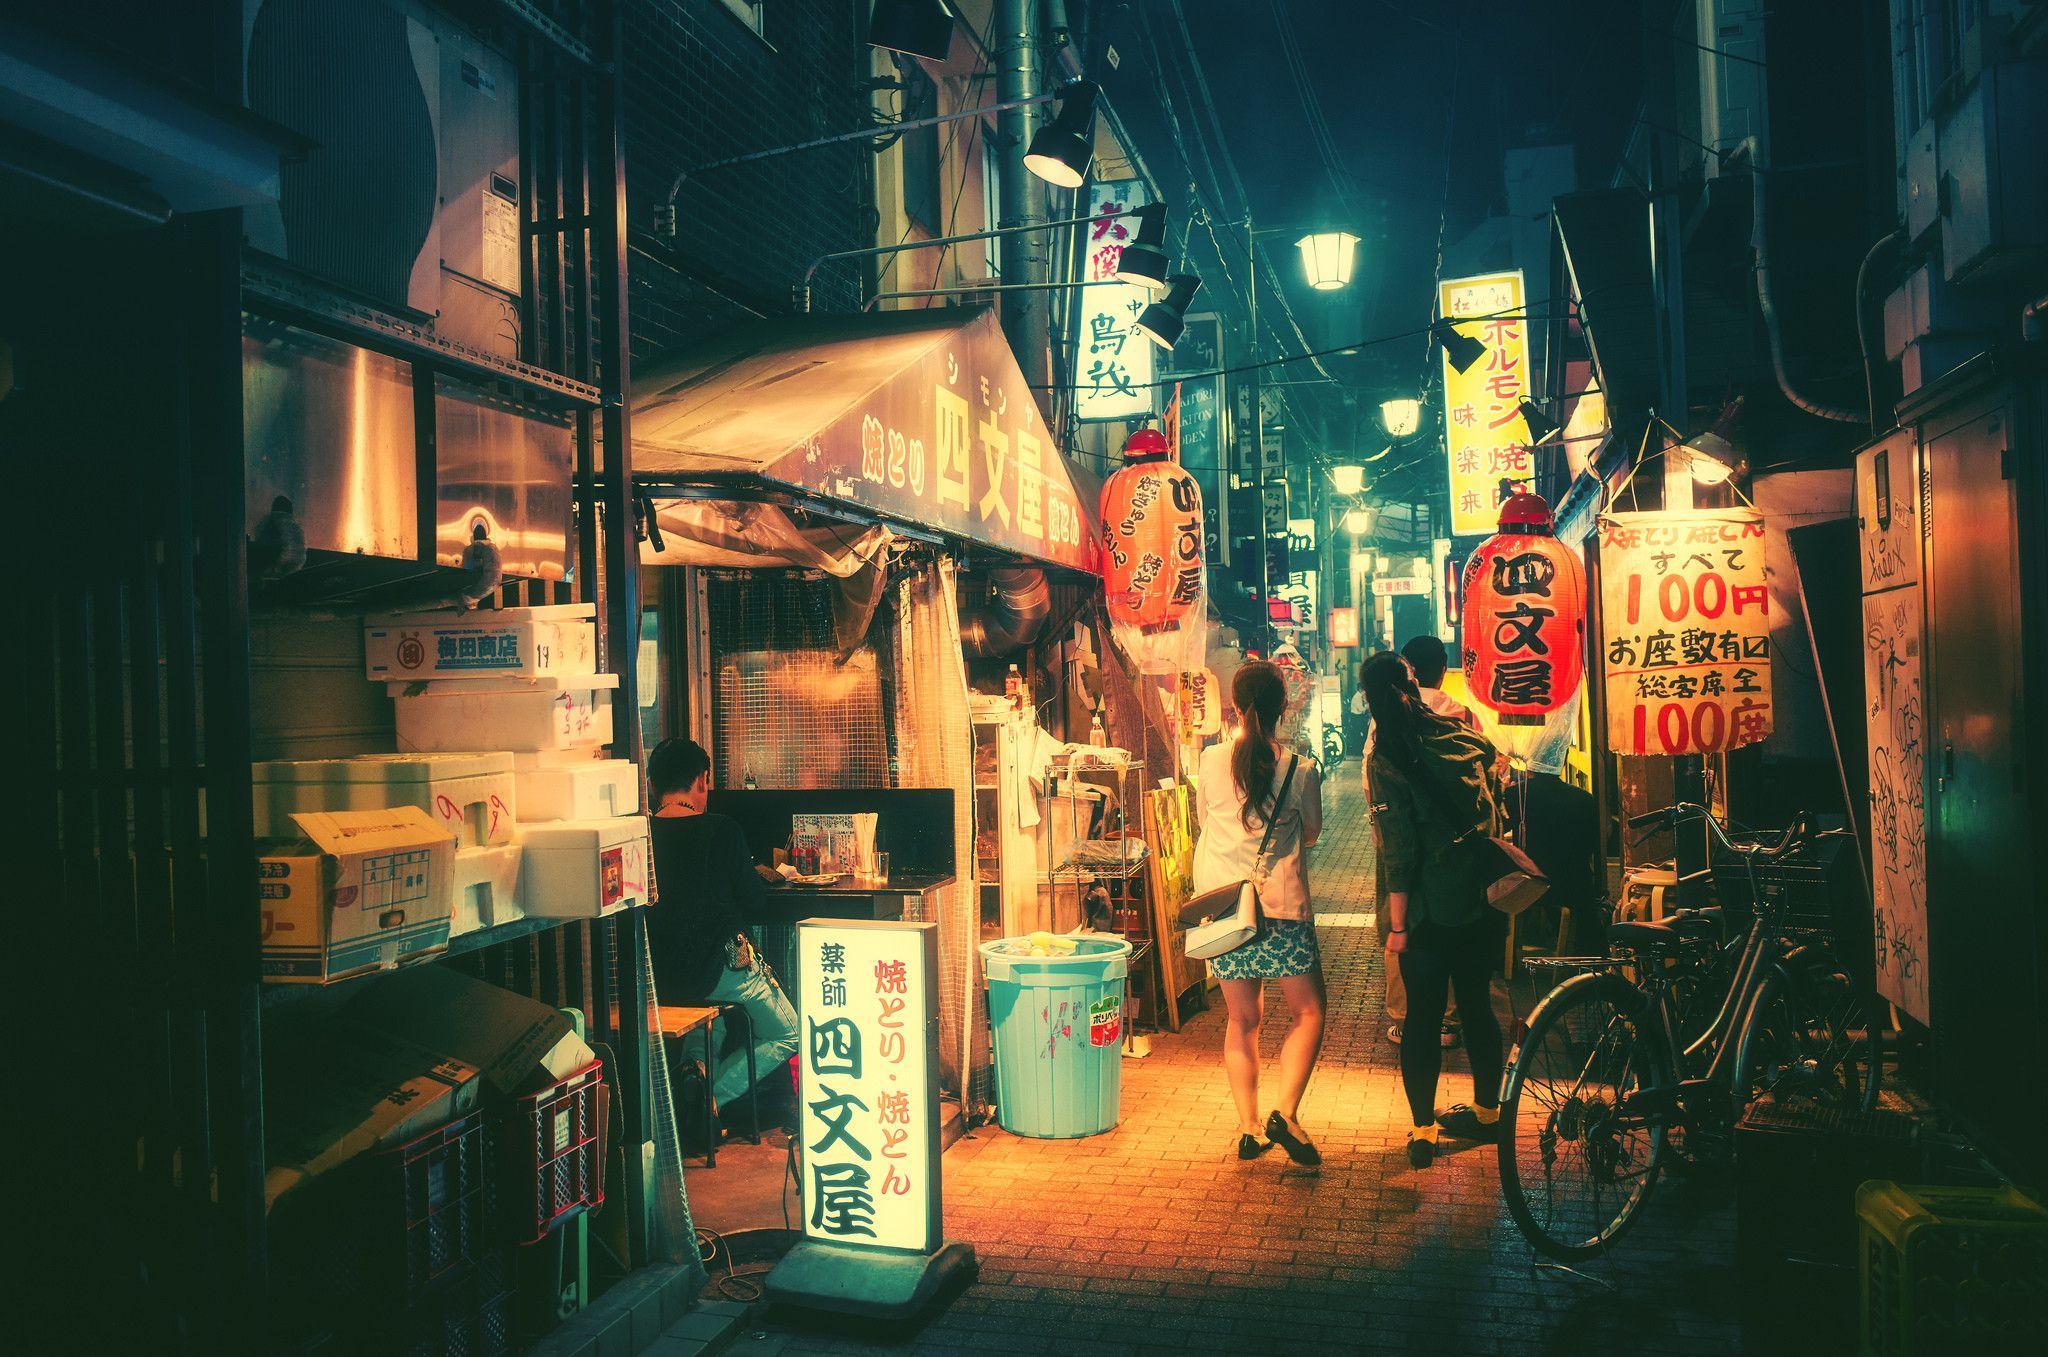 虚無的だが美しい!日本人の写真家が撮った東京の写真が話題に→海外「ホームシックになったw」|海外まとめネット | 海外の反応まとめブログ